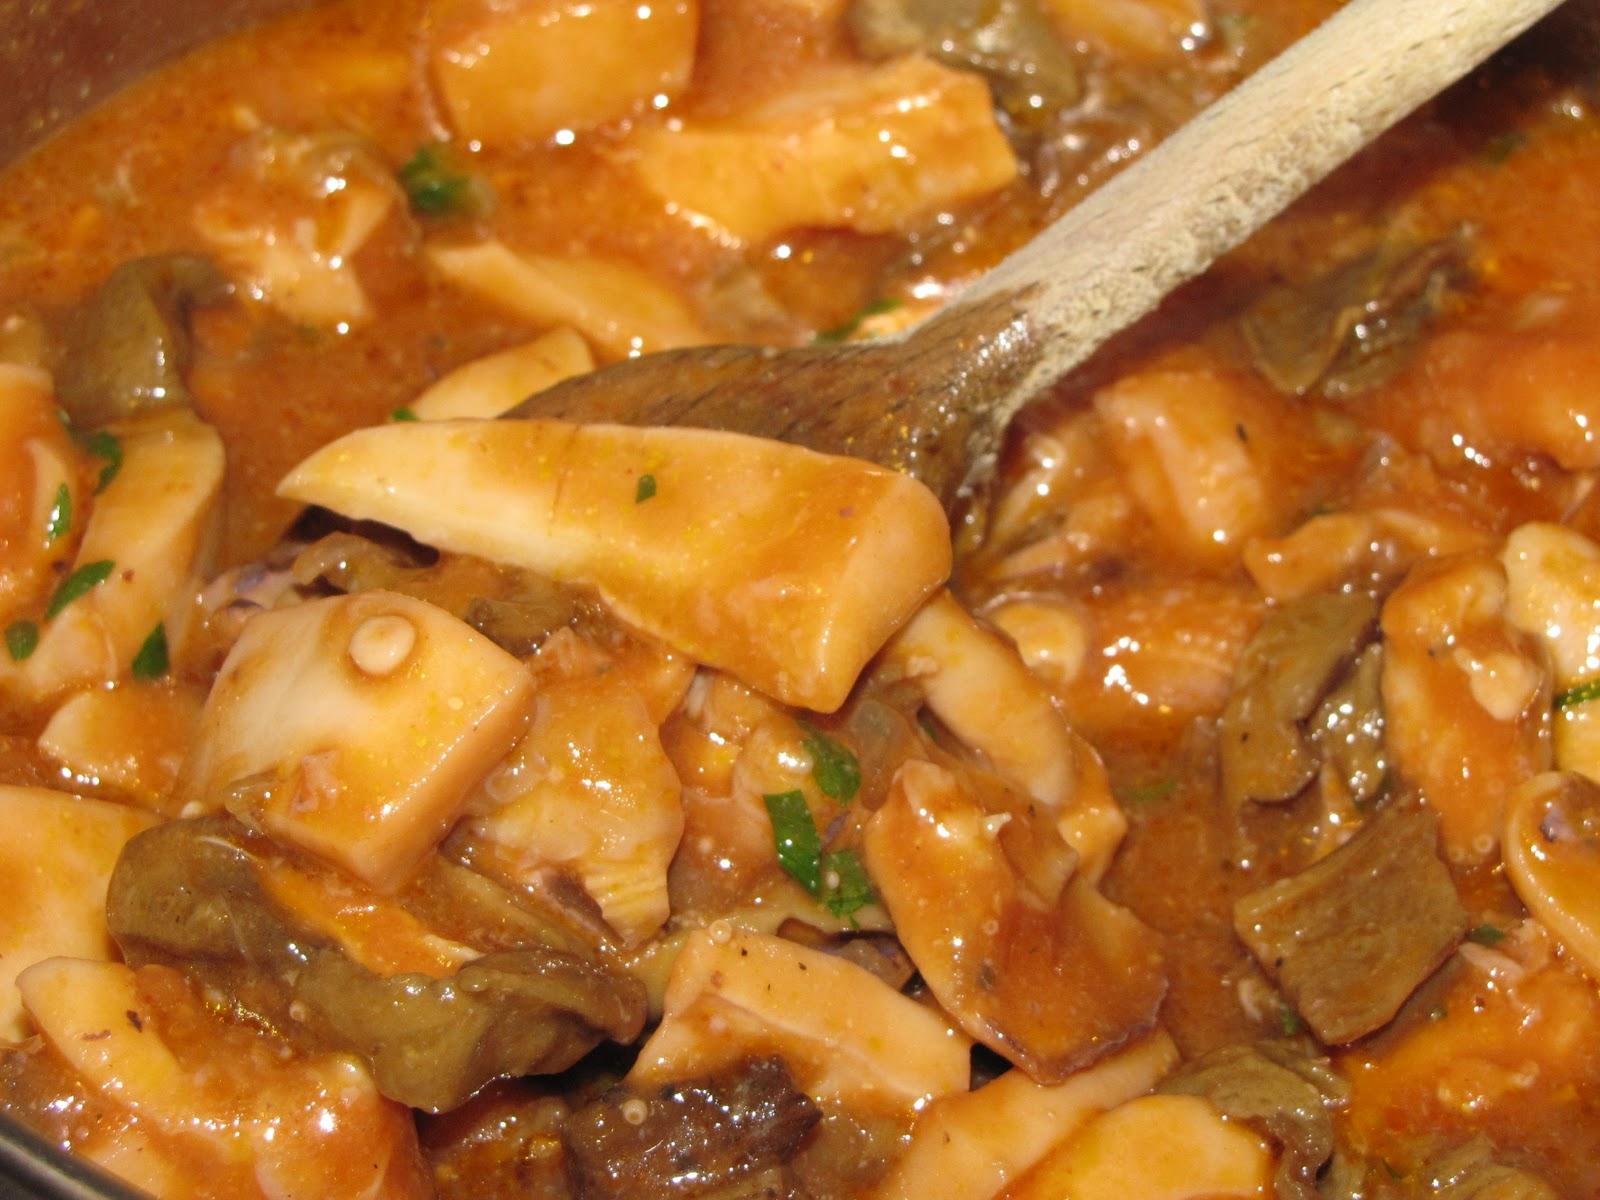 Belle di Padella: Seppie con funghi porcini e pomodoro